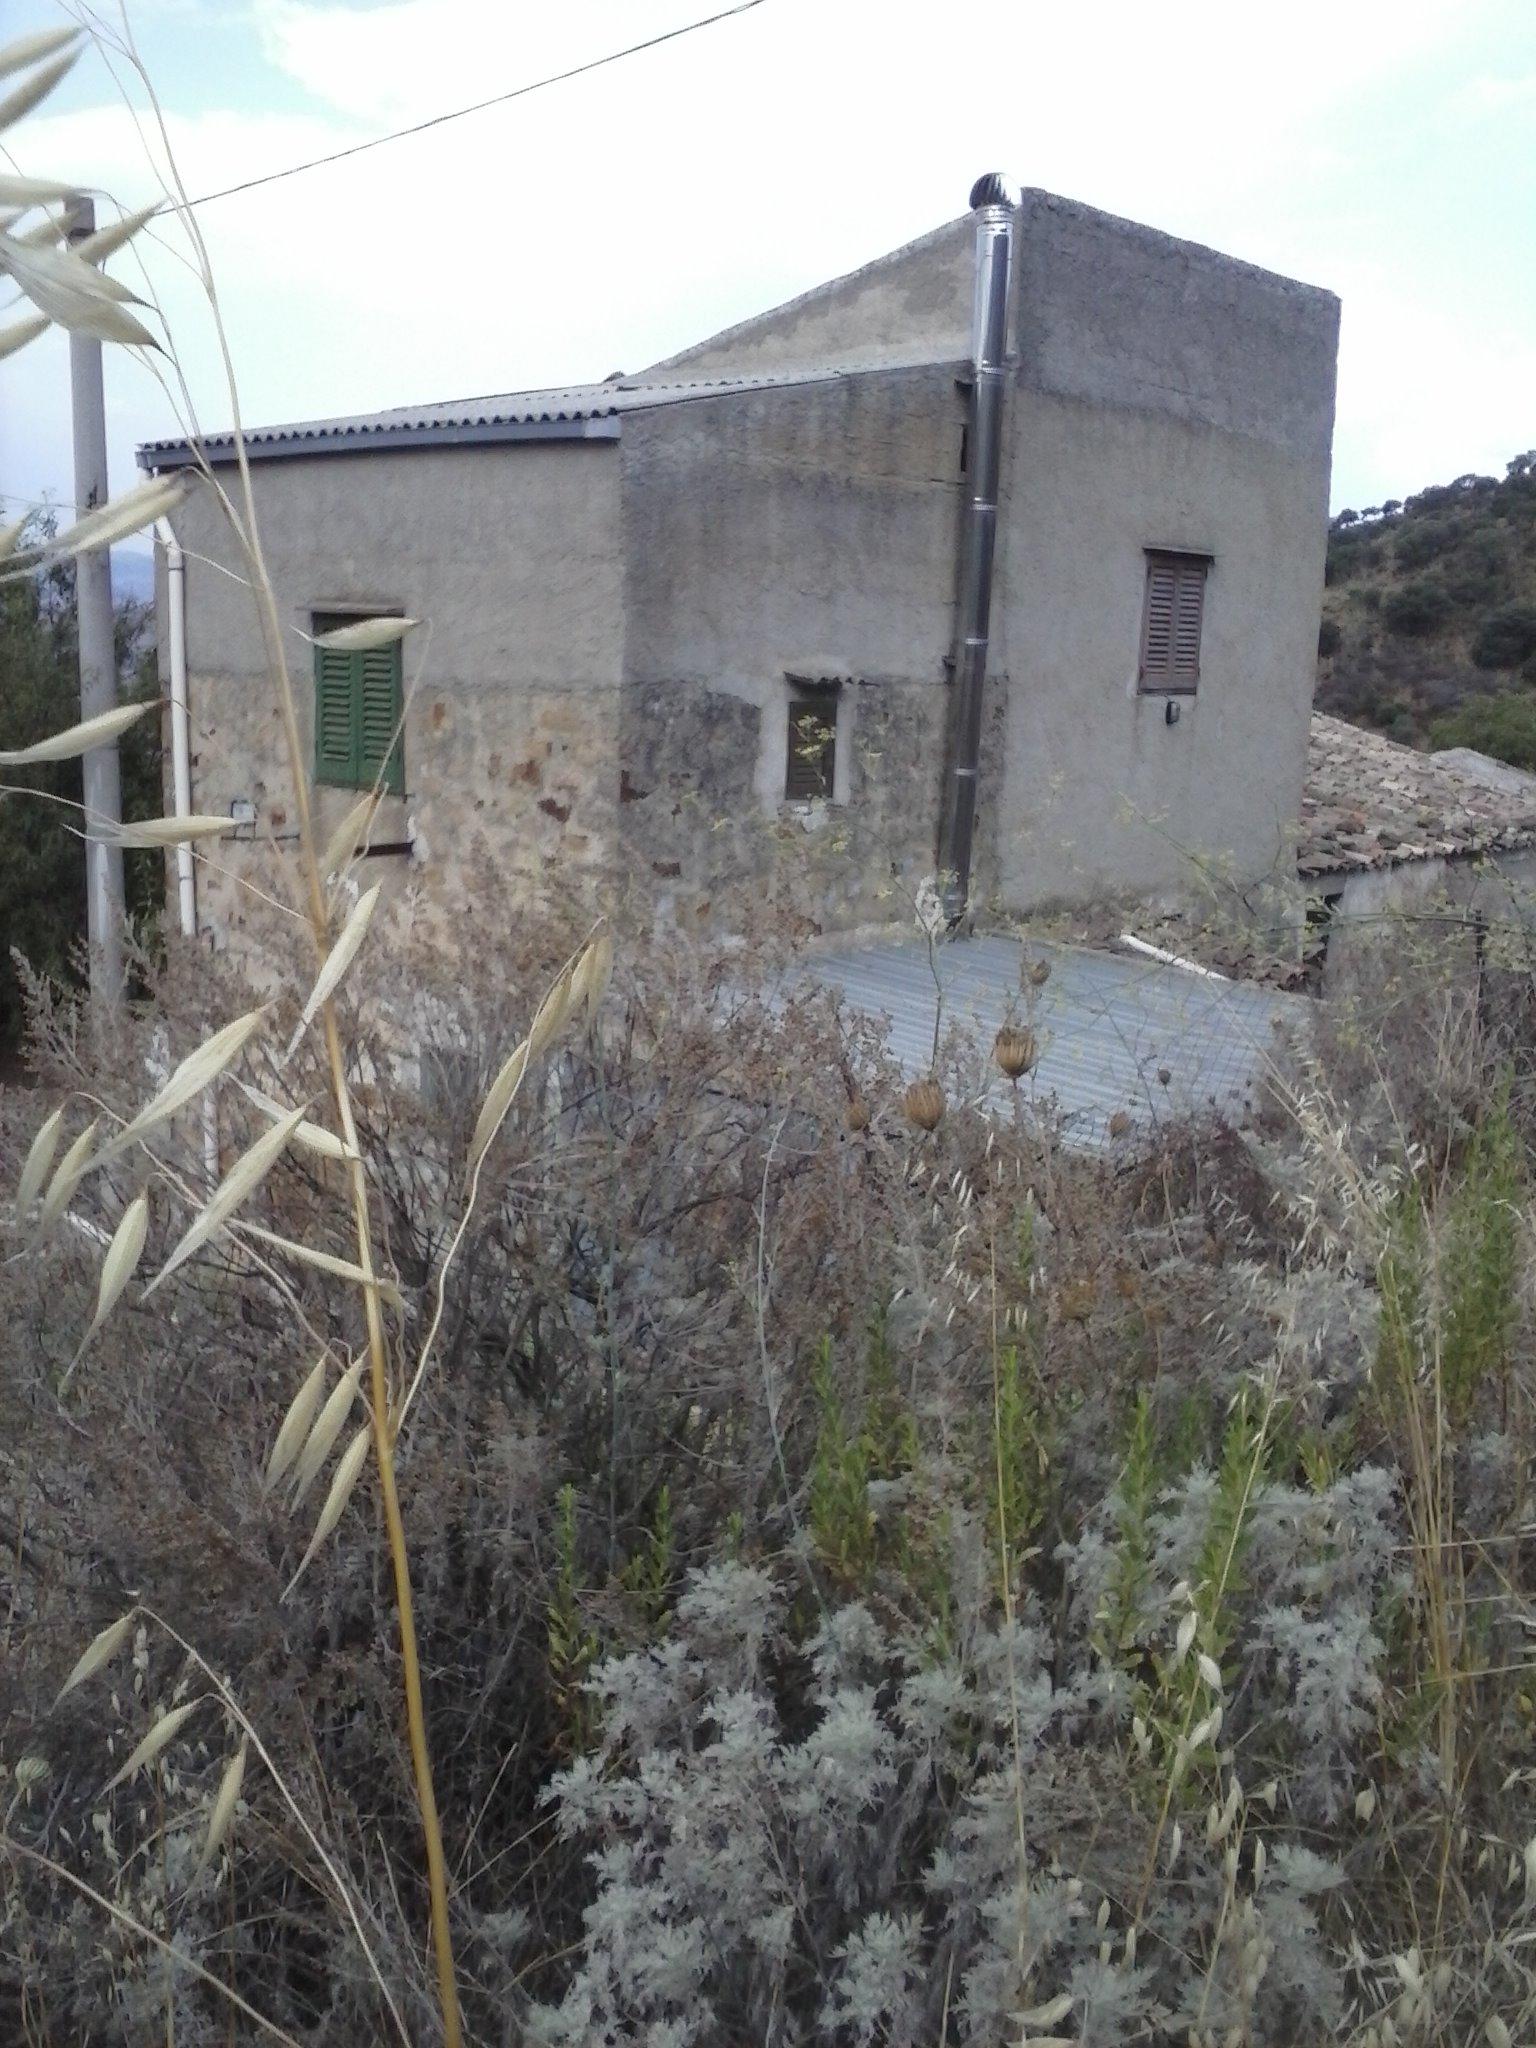 Immobiliers vendre 4 chambres villa maison vendre en for Acheter une maison en italie